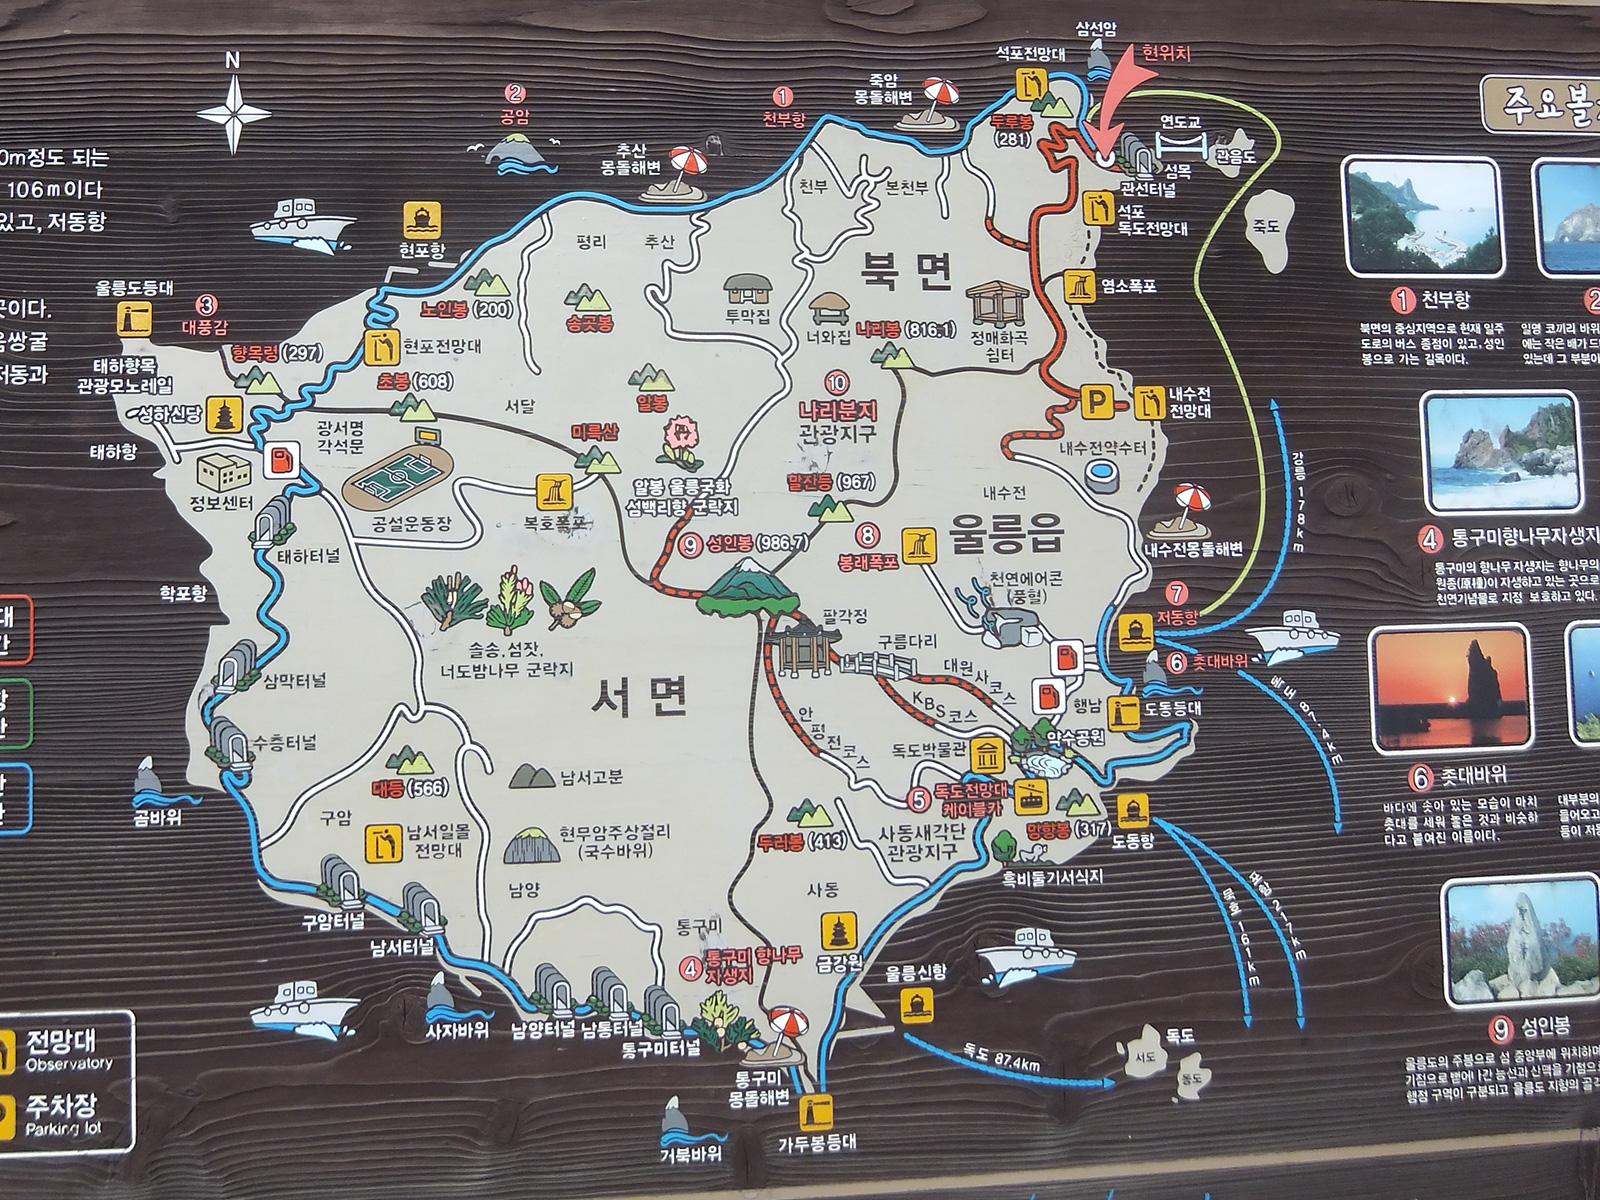 鬱陵島の地図